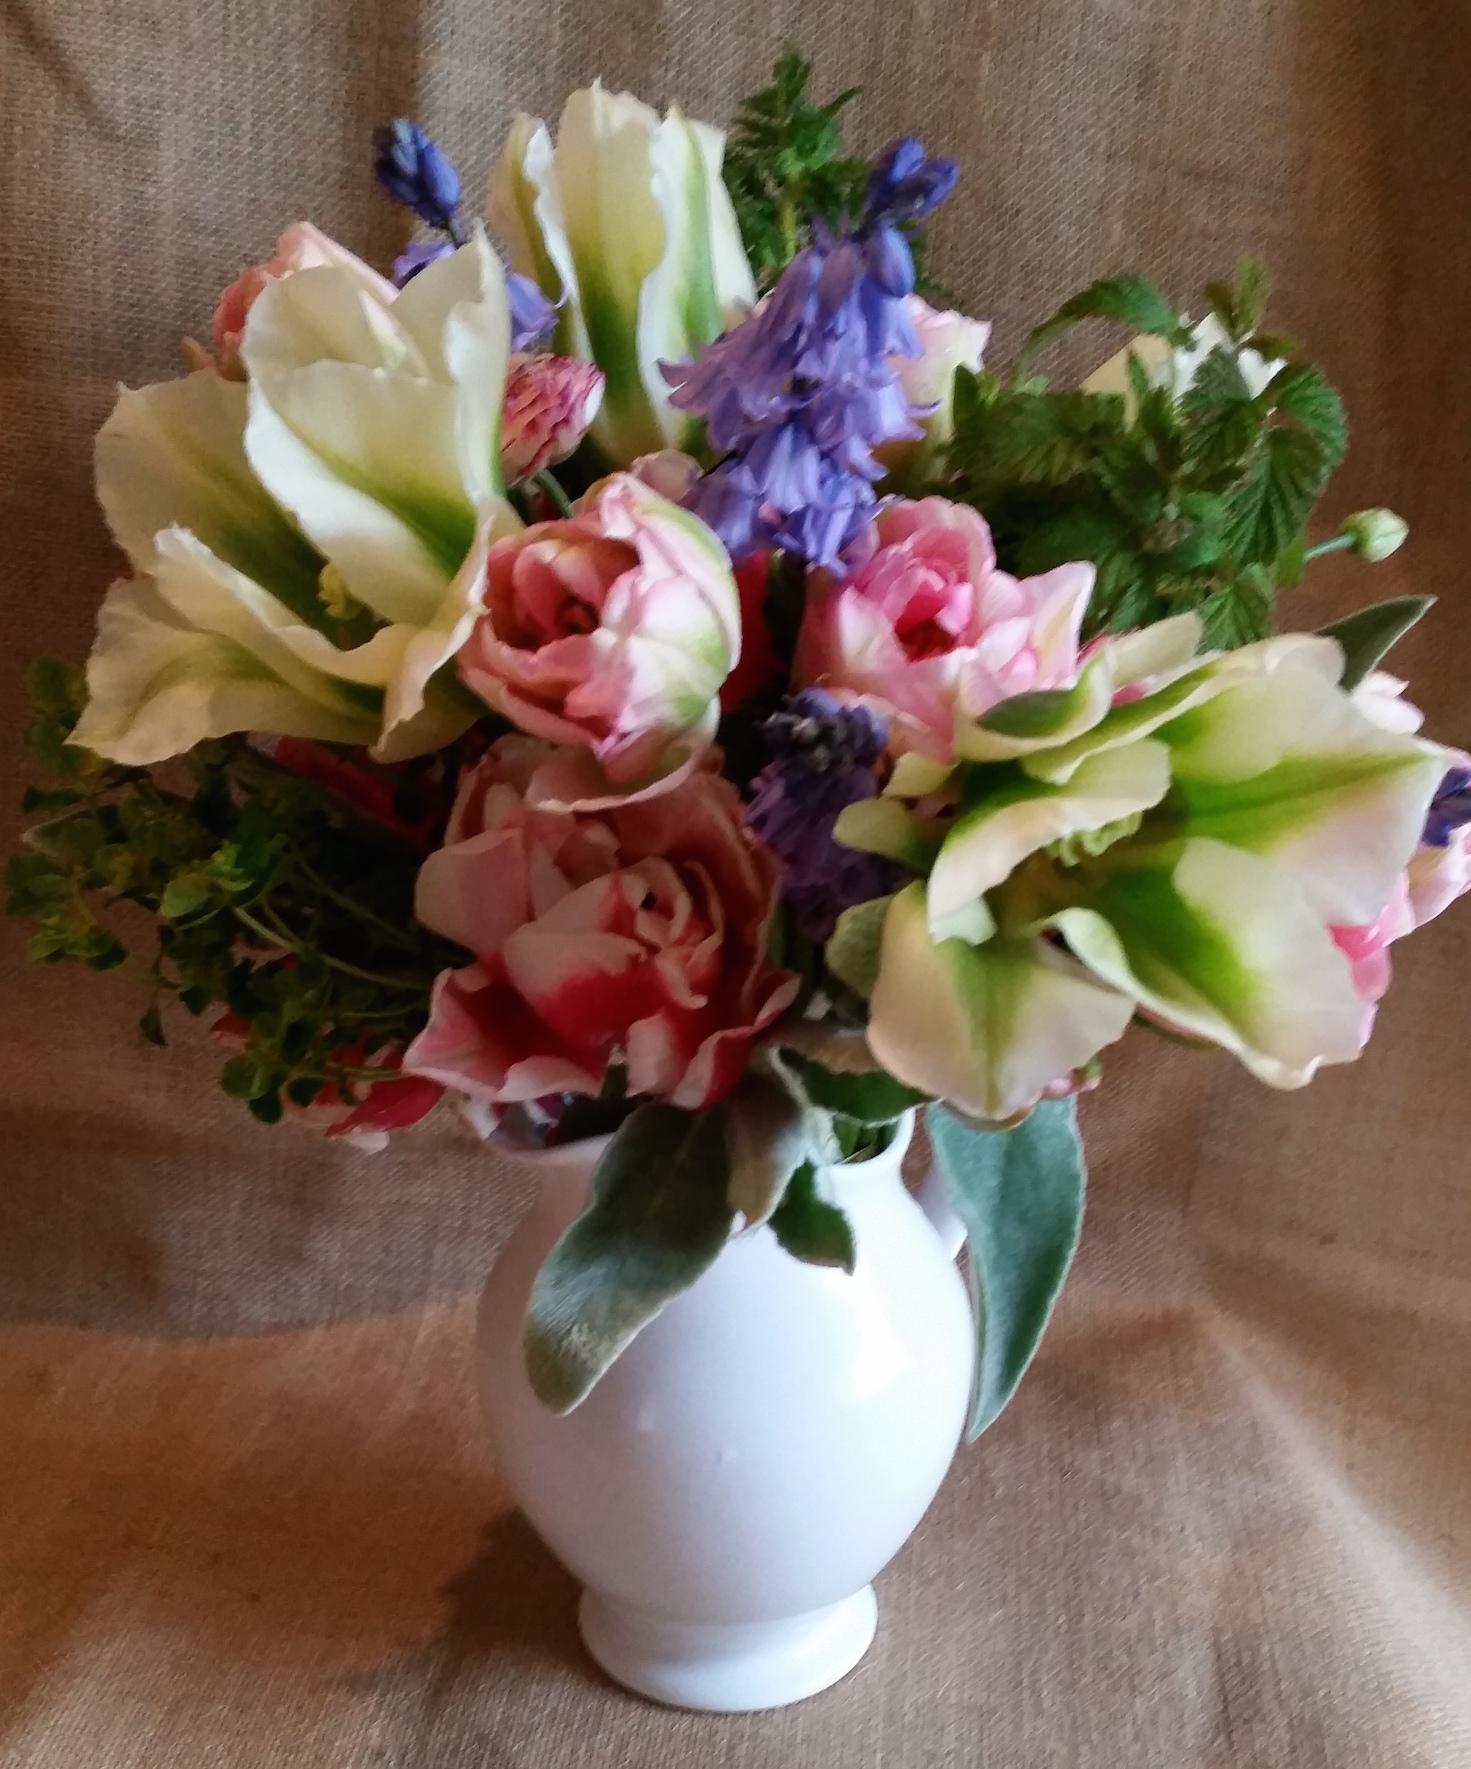 gallery-buyflowers-spring1.jpg